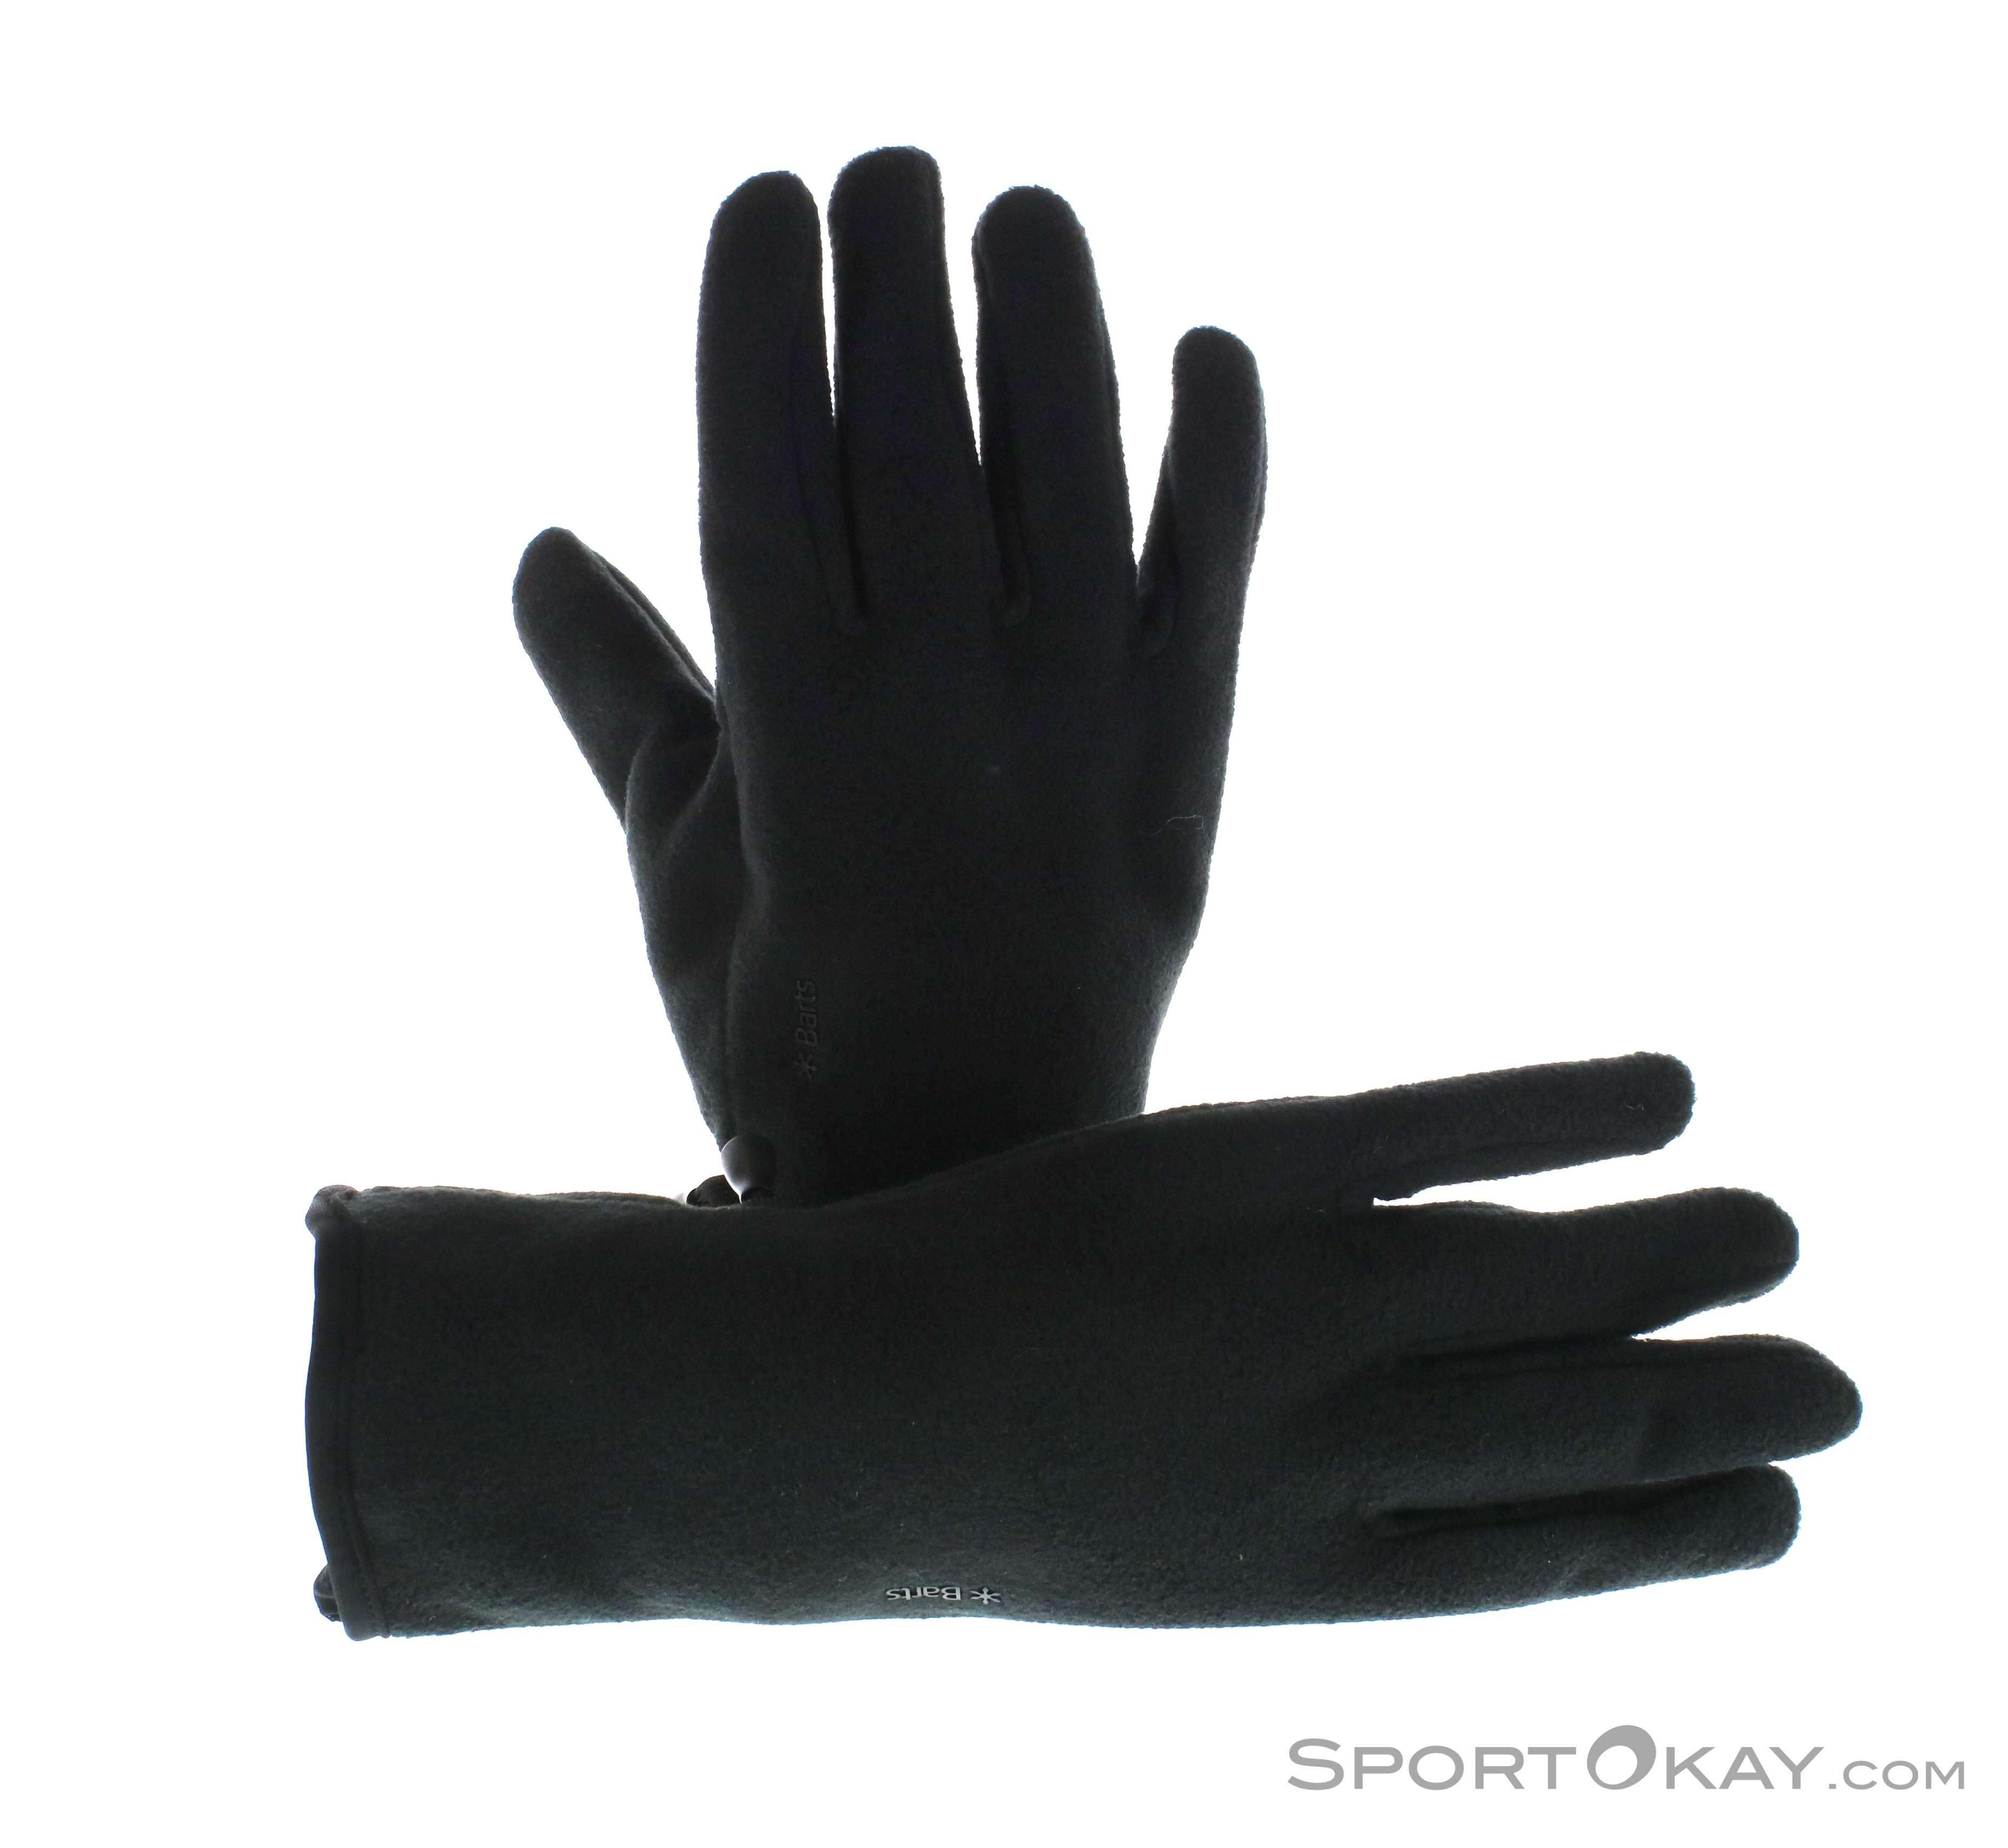 Barts Gloves Handschuhe, Barts, Schwarz, , Herren, 0013-10119, 5637570644, 8717457080531, N1-01.jpg